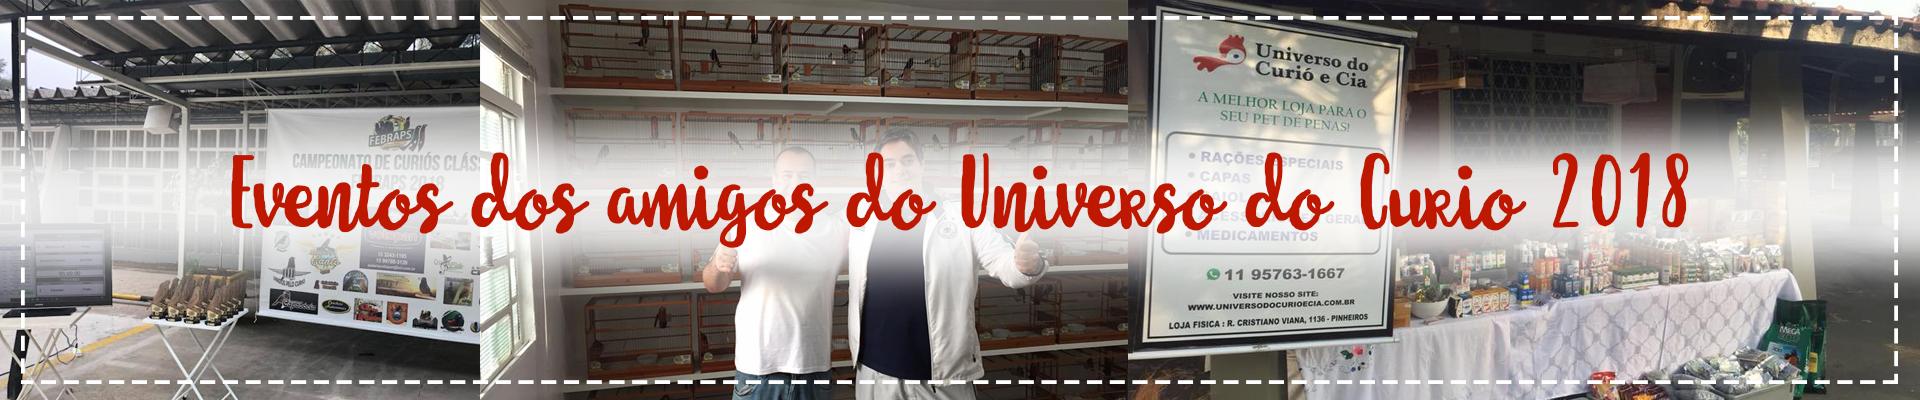 Eventos dos amigos do Universo do Curio 2018